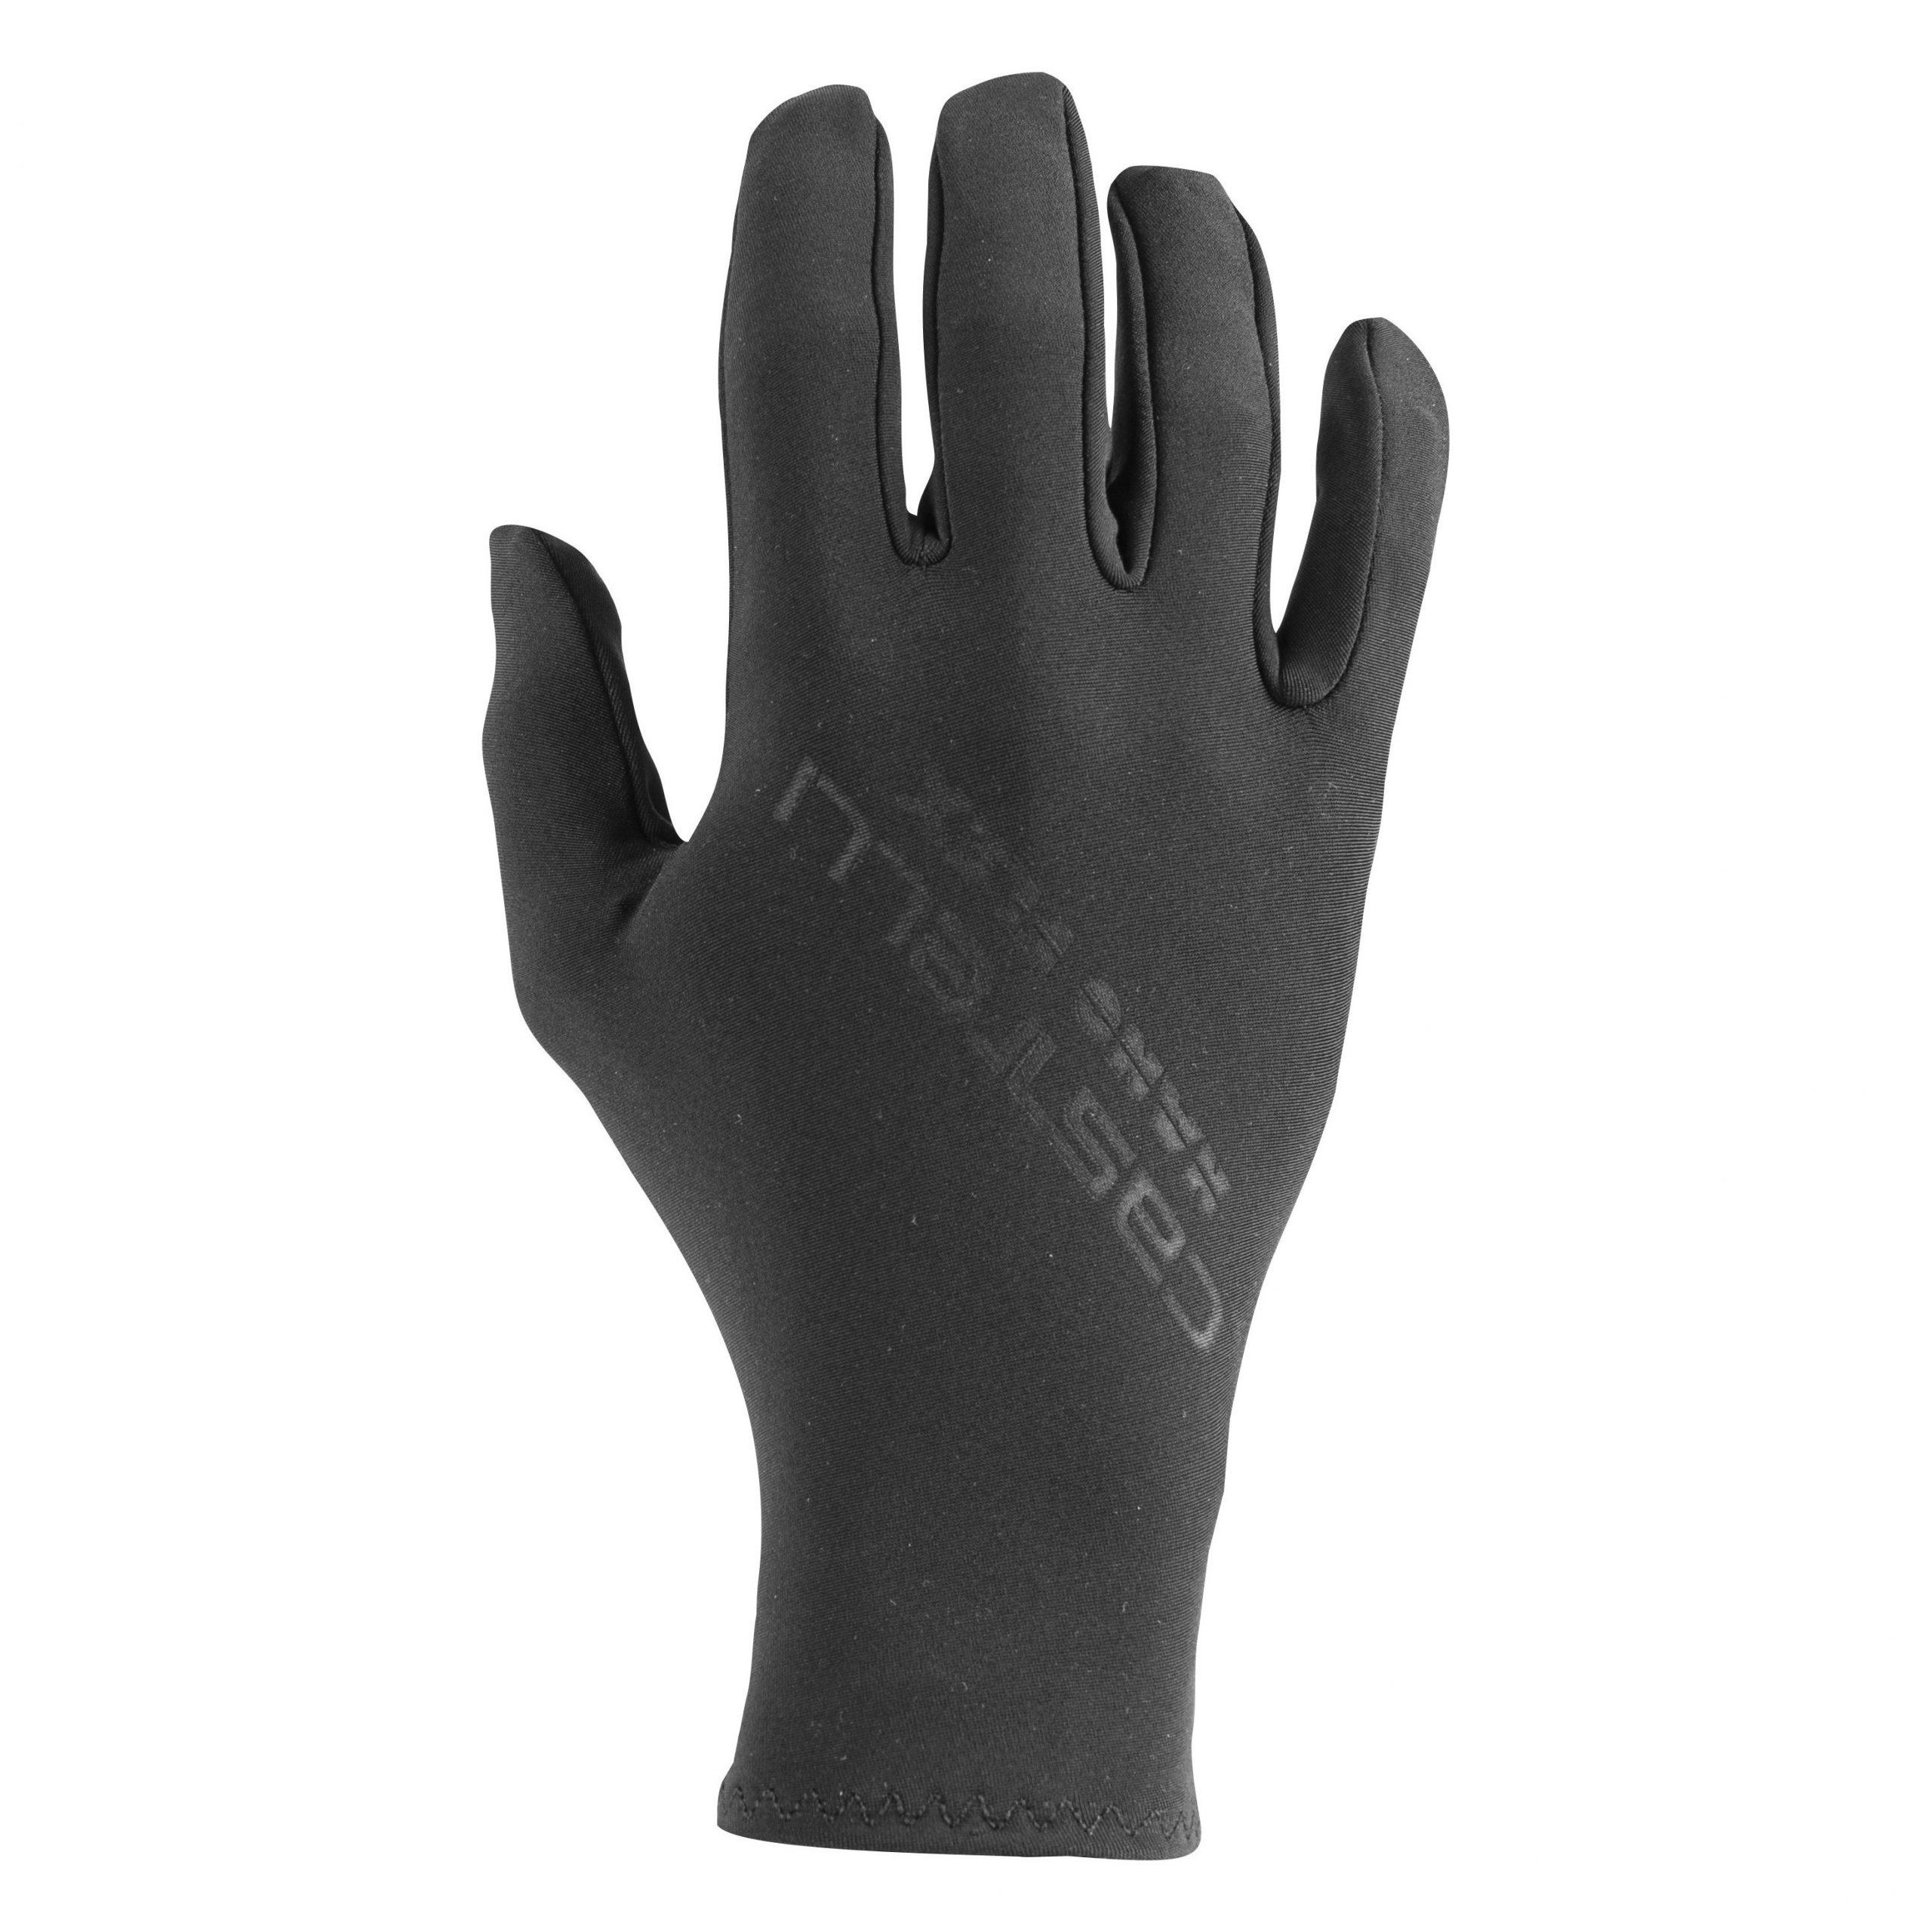 Guanti invernali Castelli Tutto Nano Glove fronte